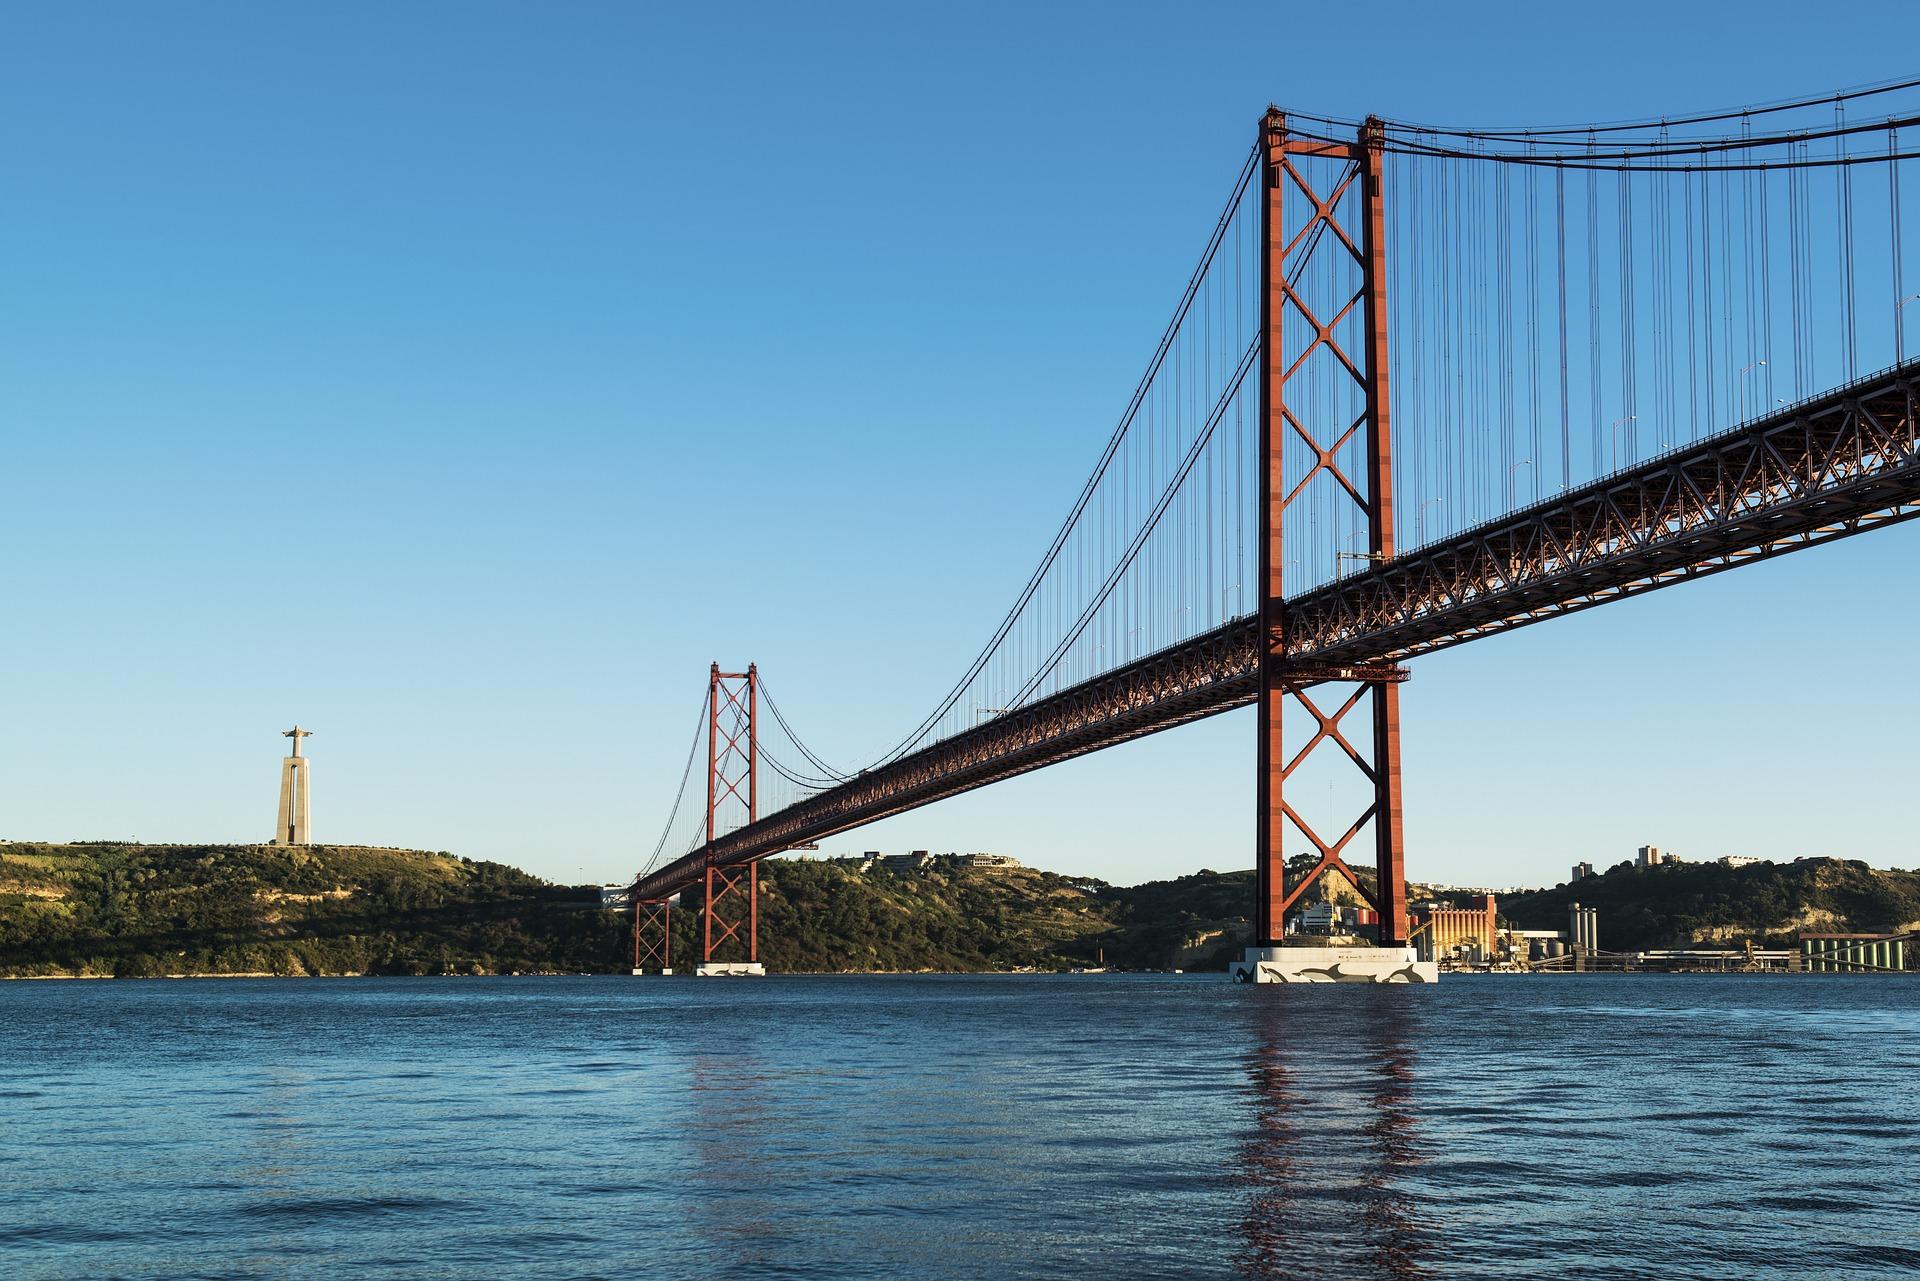 с какого места фотографировать мост в лиссабоне данном варианте